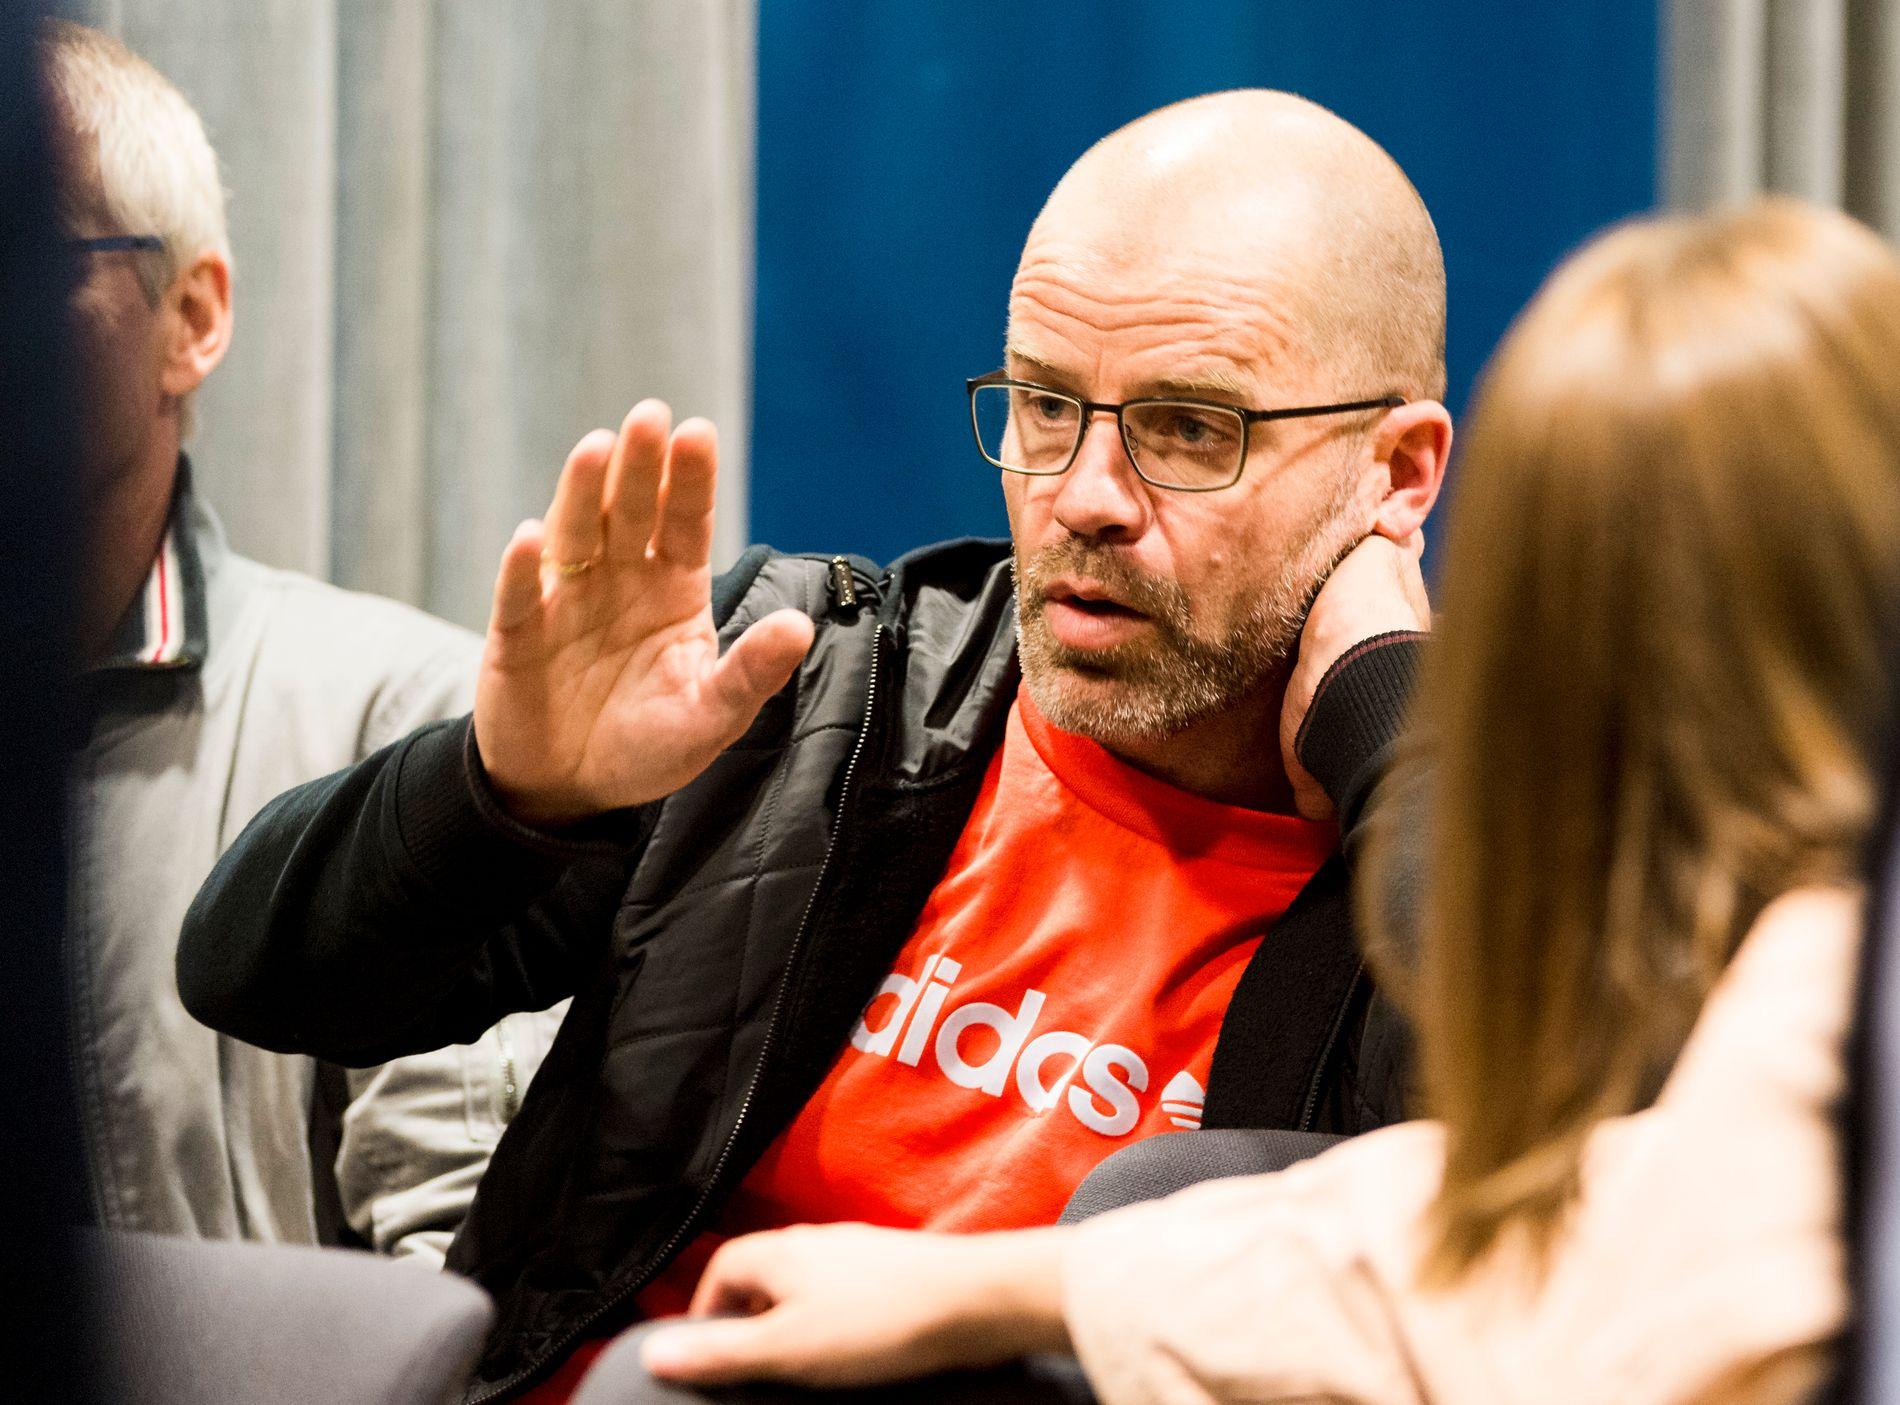 RBK-BOSS: Stig Inge Bjørnebye avslører hvor vanskelig det var å få kjøpe Samuel Adegbenro og Anders Trondsen. Her er han avbildet under RBKs pressekonferanse på Lerkendal.